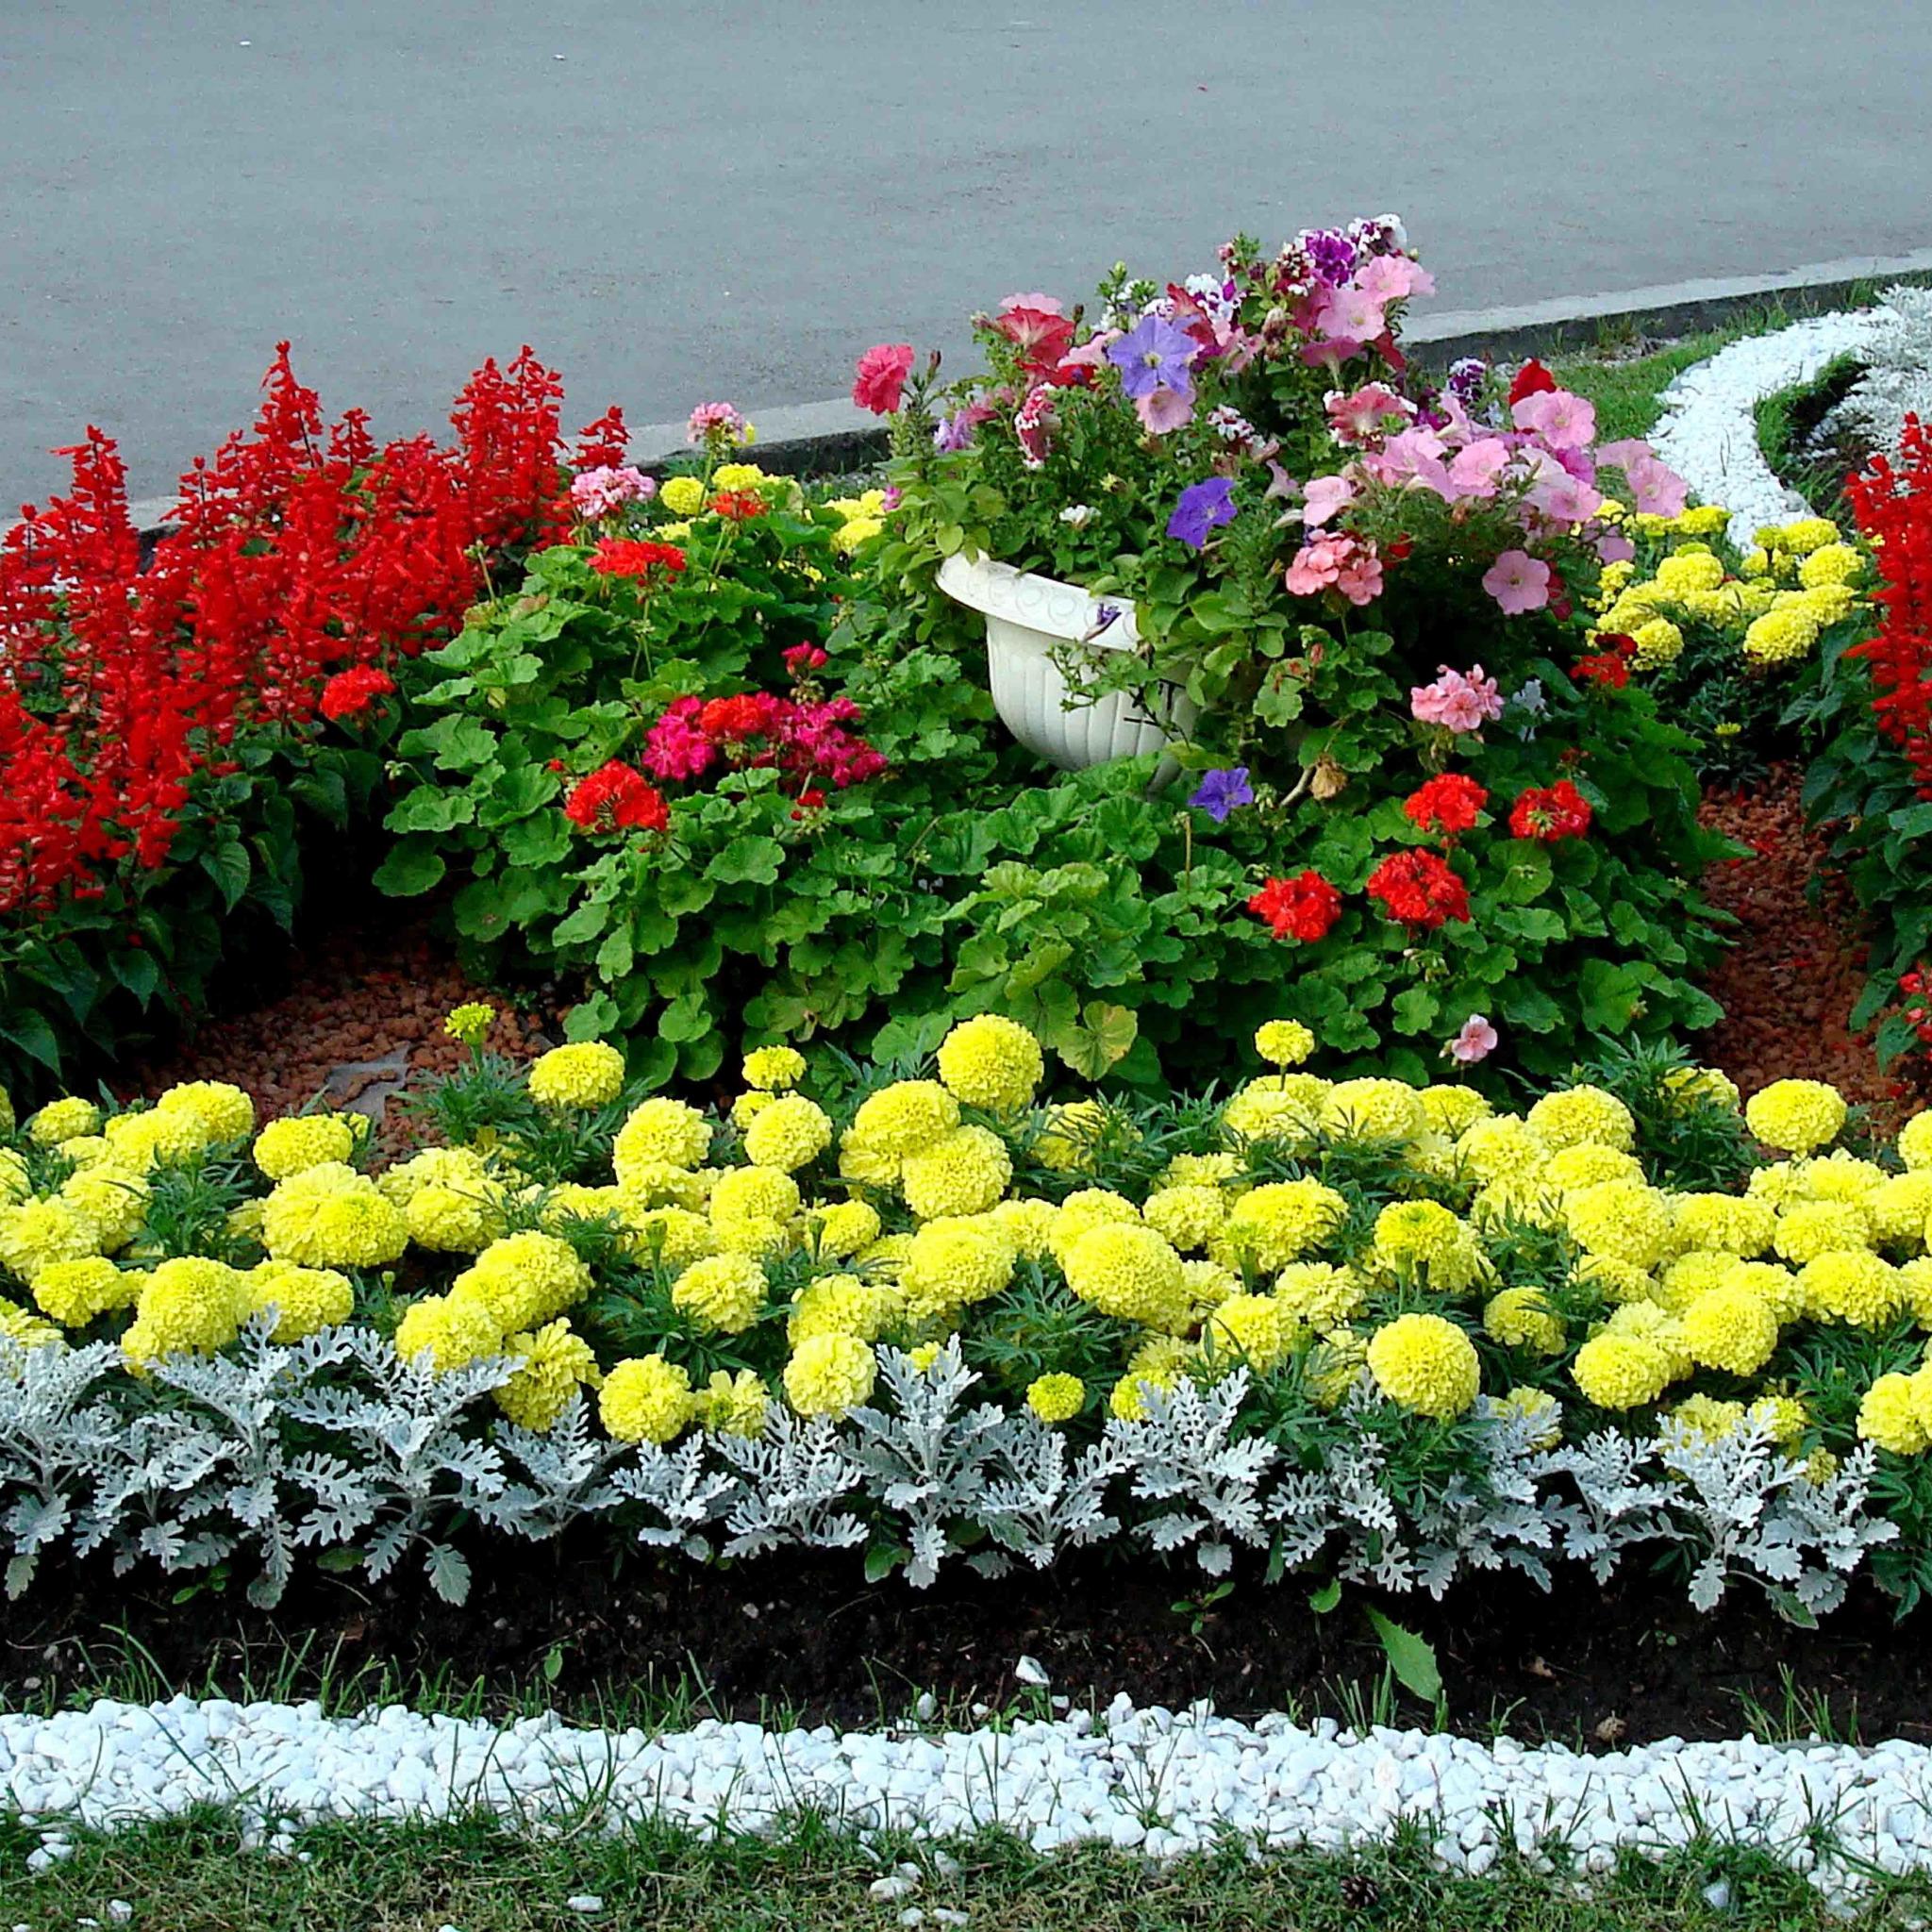 цветы на клумбе цветущие фото современности